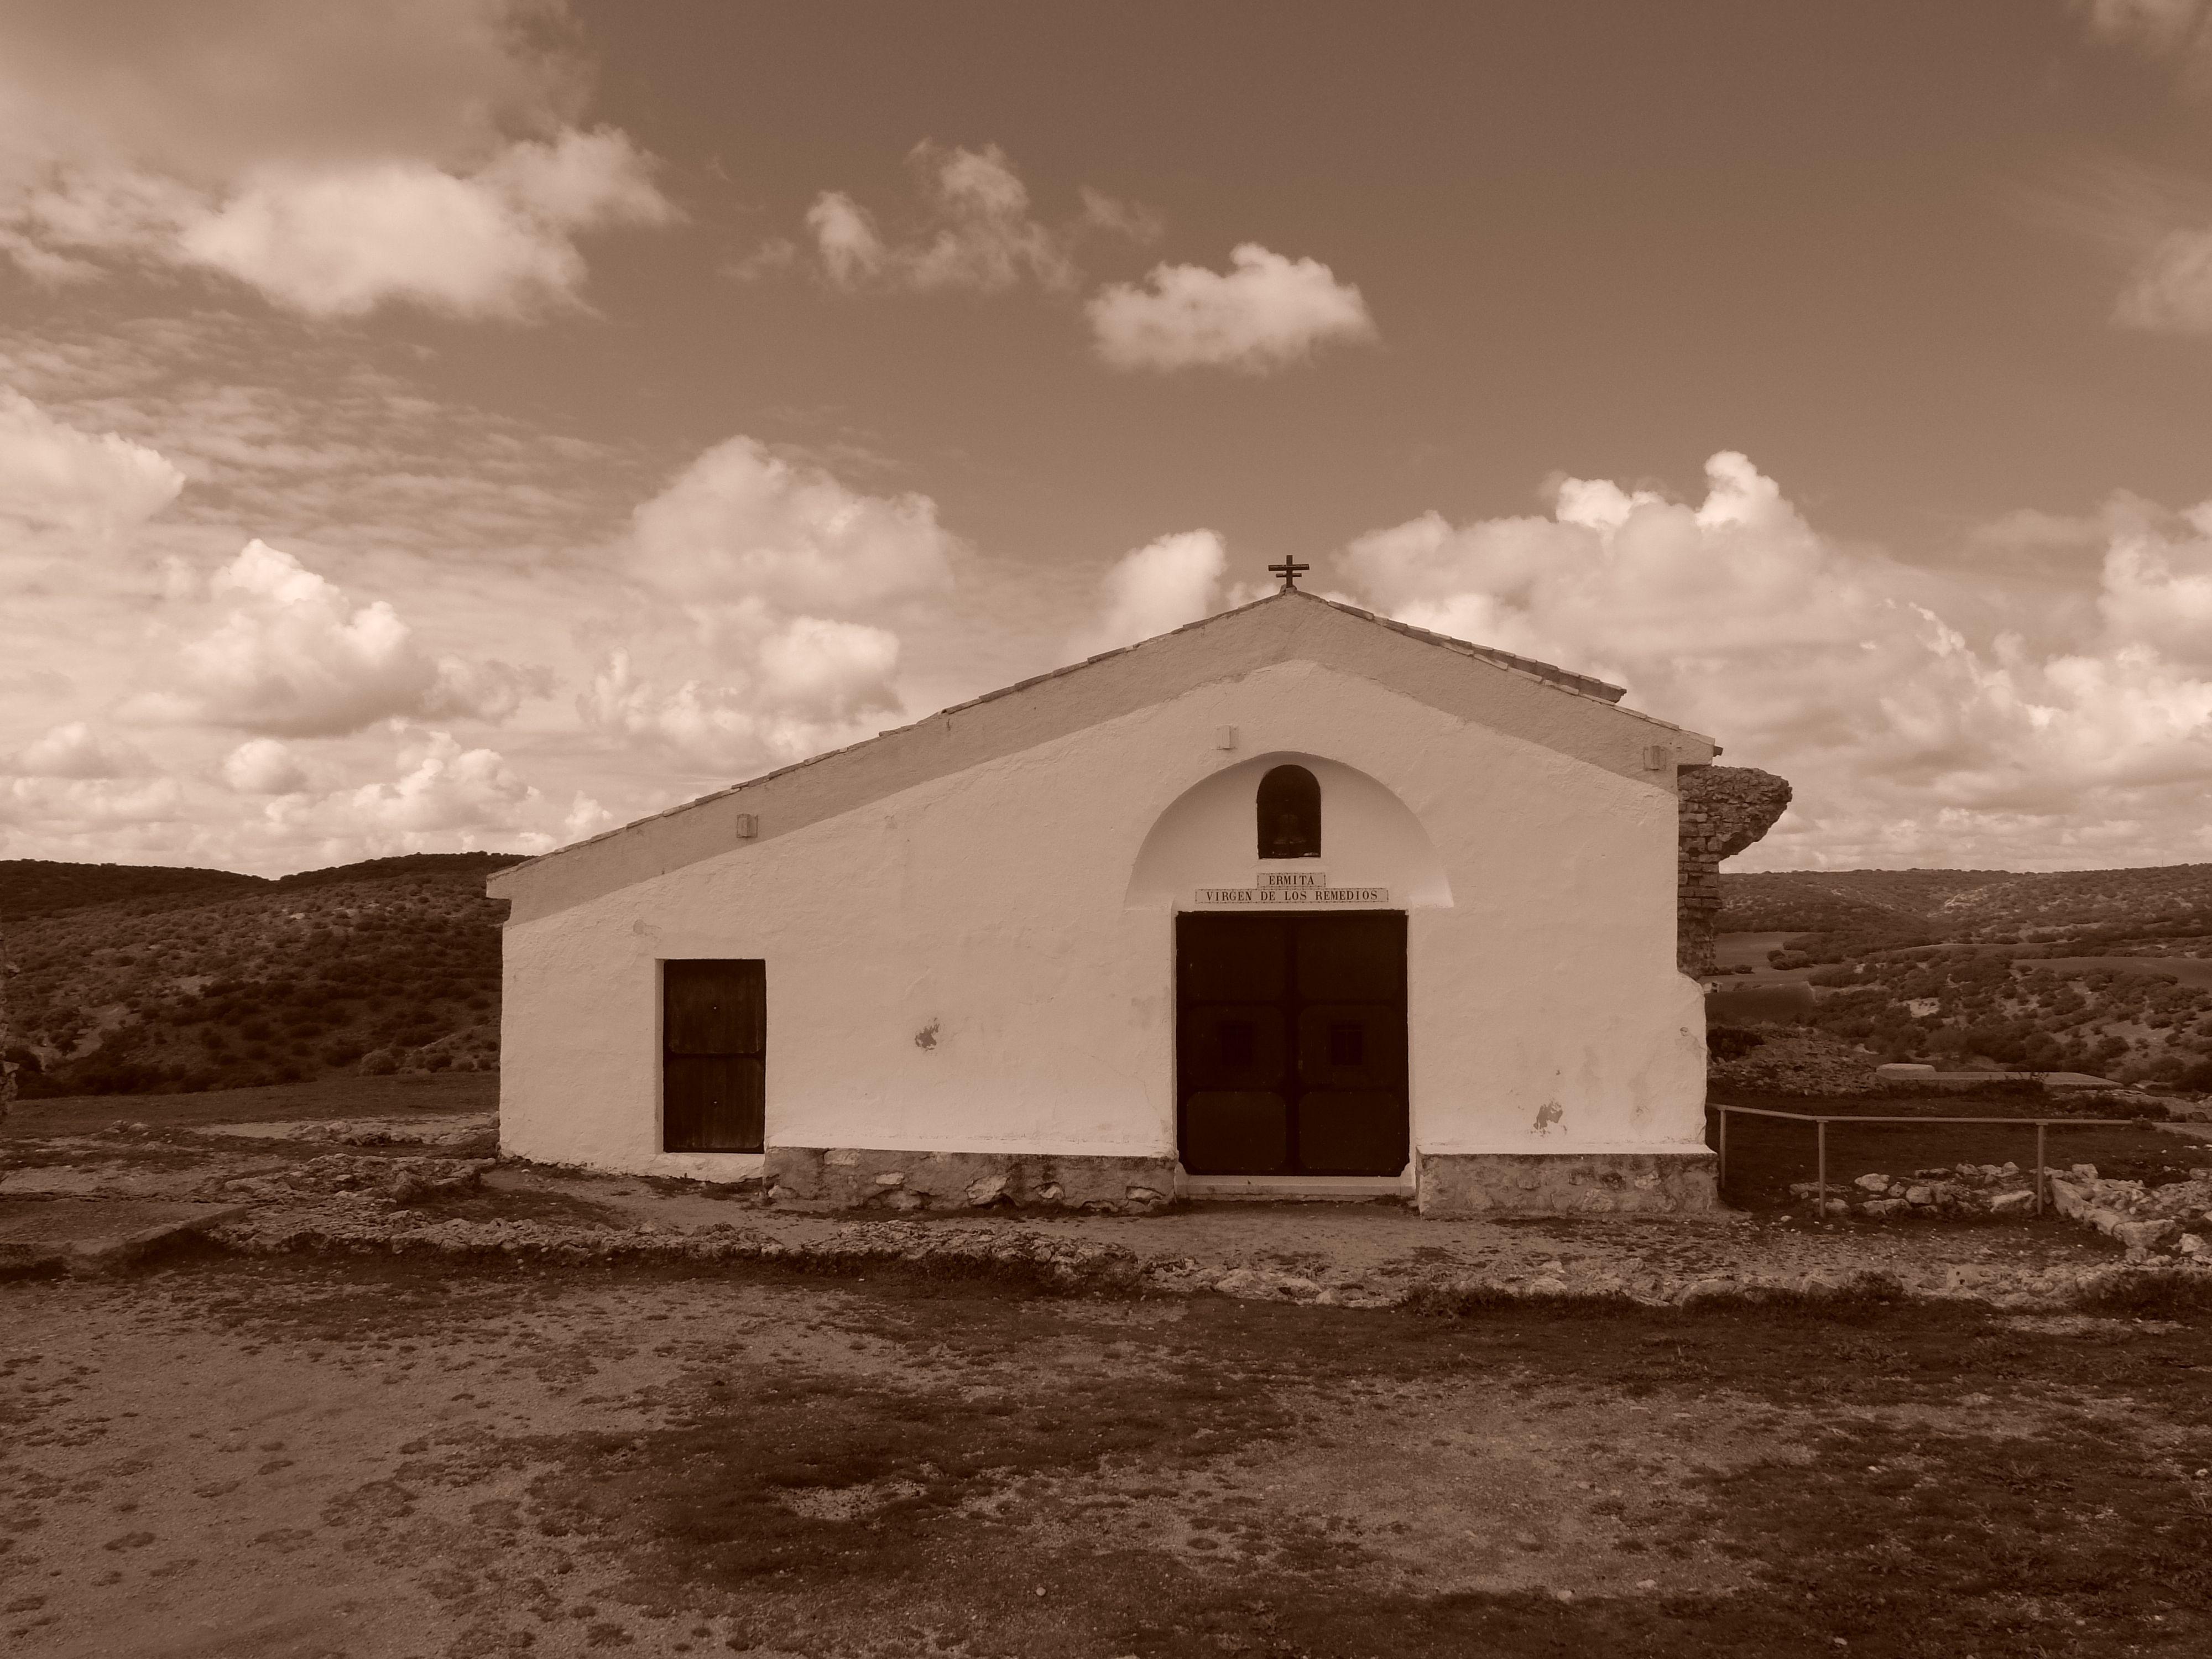 Ermita de San Bartolomé, también llamada de la Virgen de los Remedios. Situado sobre las termas romanas ocupa la parte mas alta del Cerro de la Cabeza,de Griego en el que se encuentra el yacimiento arqueológico de Segóbriga